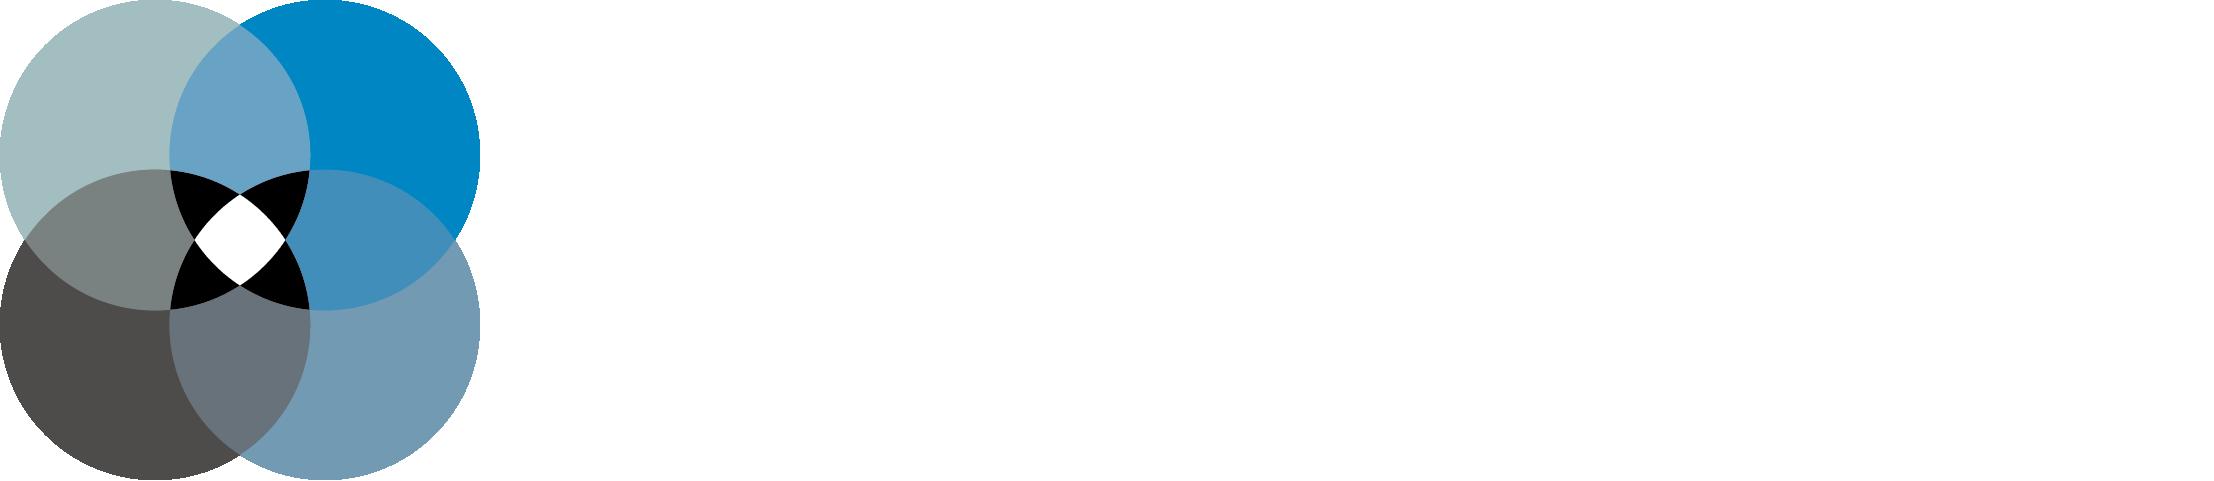 Metiquity Ventures